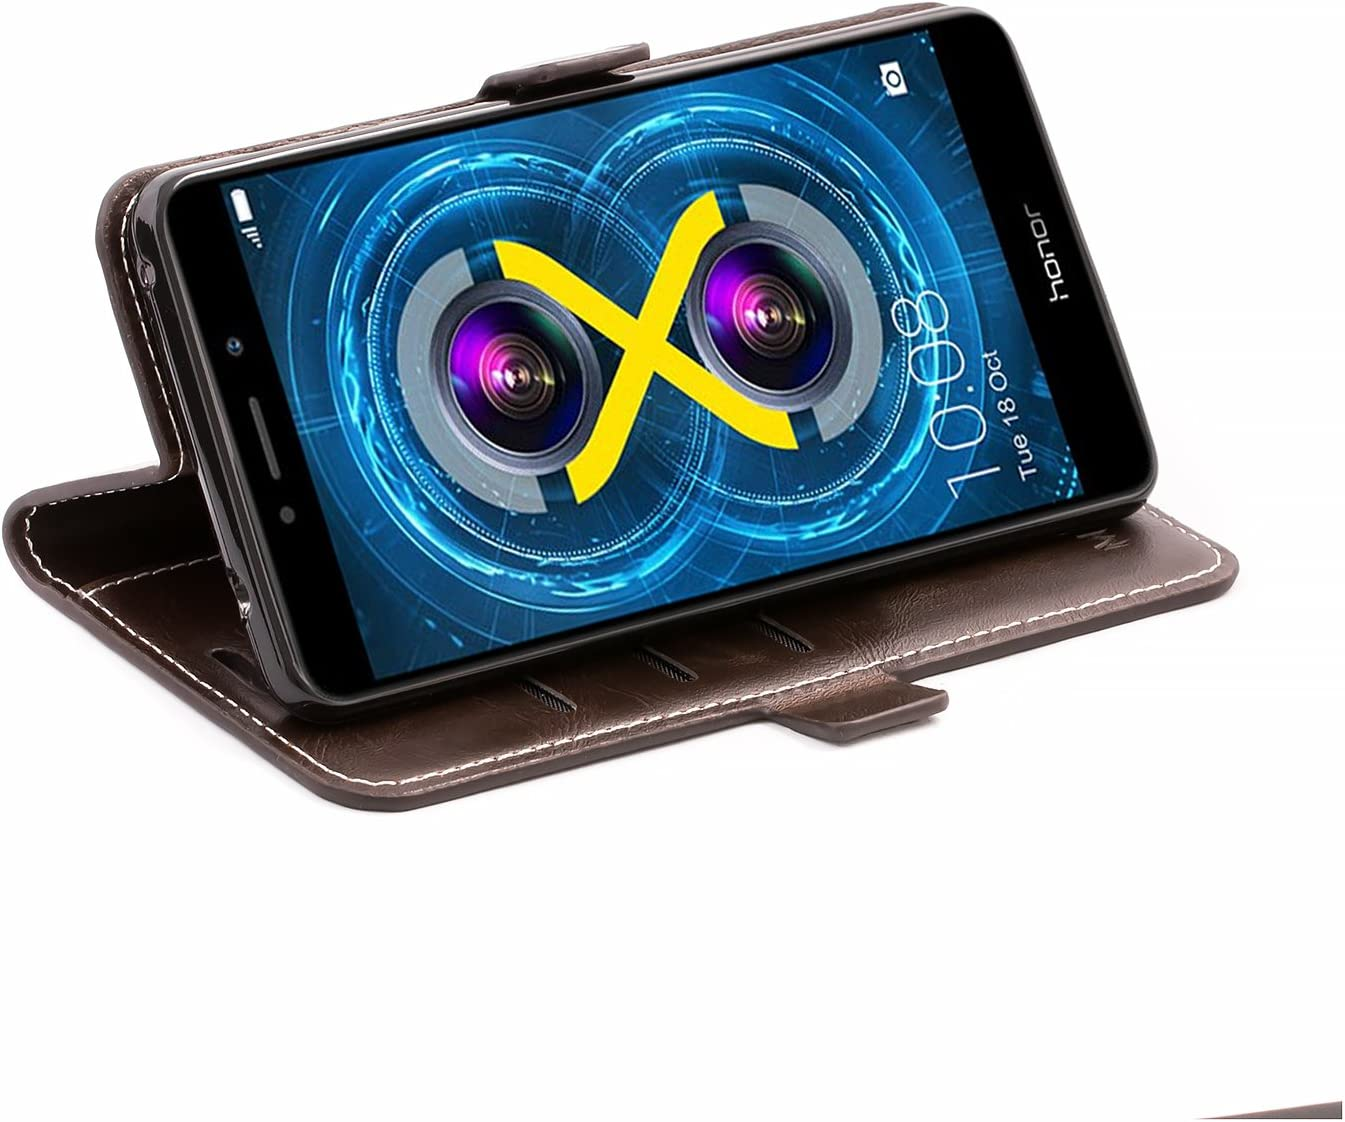 Coffee Braun Mulbess Huawei Honor 6X H/ülle Leder Schutzh/ülle Handytasche Handyh/ülle f/ür Huawei Honor 6X LTX adn Honor 6X Pro Klapph/ülle Flip Tasche